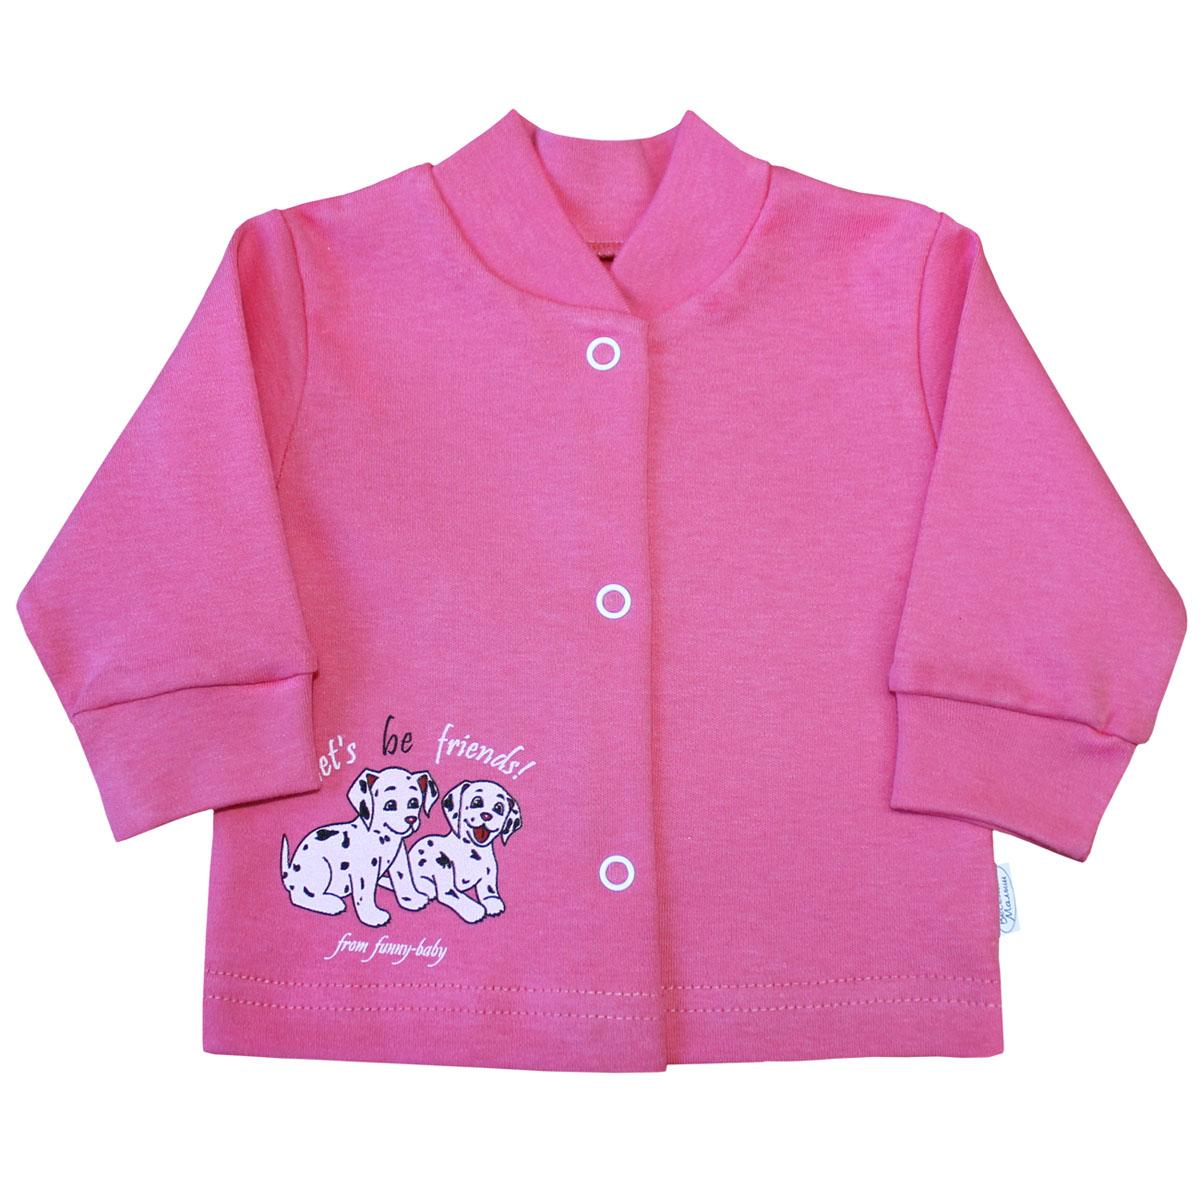 Кофточка для девочки Веселый малыш Далматинцы, цвет: розовый. 22322/да-C (1). Размер 6822322Кофточка для девочки с длинными рукавами послужит идеальным дополнением к гардеробу вашего малыша, обеспечивая ему наибольший комфорт. Изготовленная из качественного материала, она необычайно мягкая и легкая, не раздражает нежную кожу ребенка и хорошо вентилируется, а эластичные швы приятны телу младенца и не препятствуют его движениям. Удобные застежки-кнопки по всей длине помогают легко переодеть ребенка. Рукава понизу дополнены трикотажными манжетами, которые мягко обхватывают запястья, понизу также проходит широкая трикотажная резинка. Модель оформлена оригинальной аппликацией-нашивкой в виде забавной зверушки. Кофточка полностью соответствует особенностям жизни ребенка в ранний период, не стесняя и не ограничивая его в движениях. В ней ваш ребенок всегда будет в центре внимания.